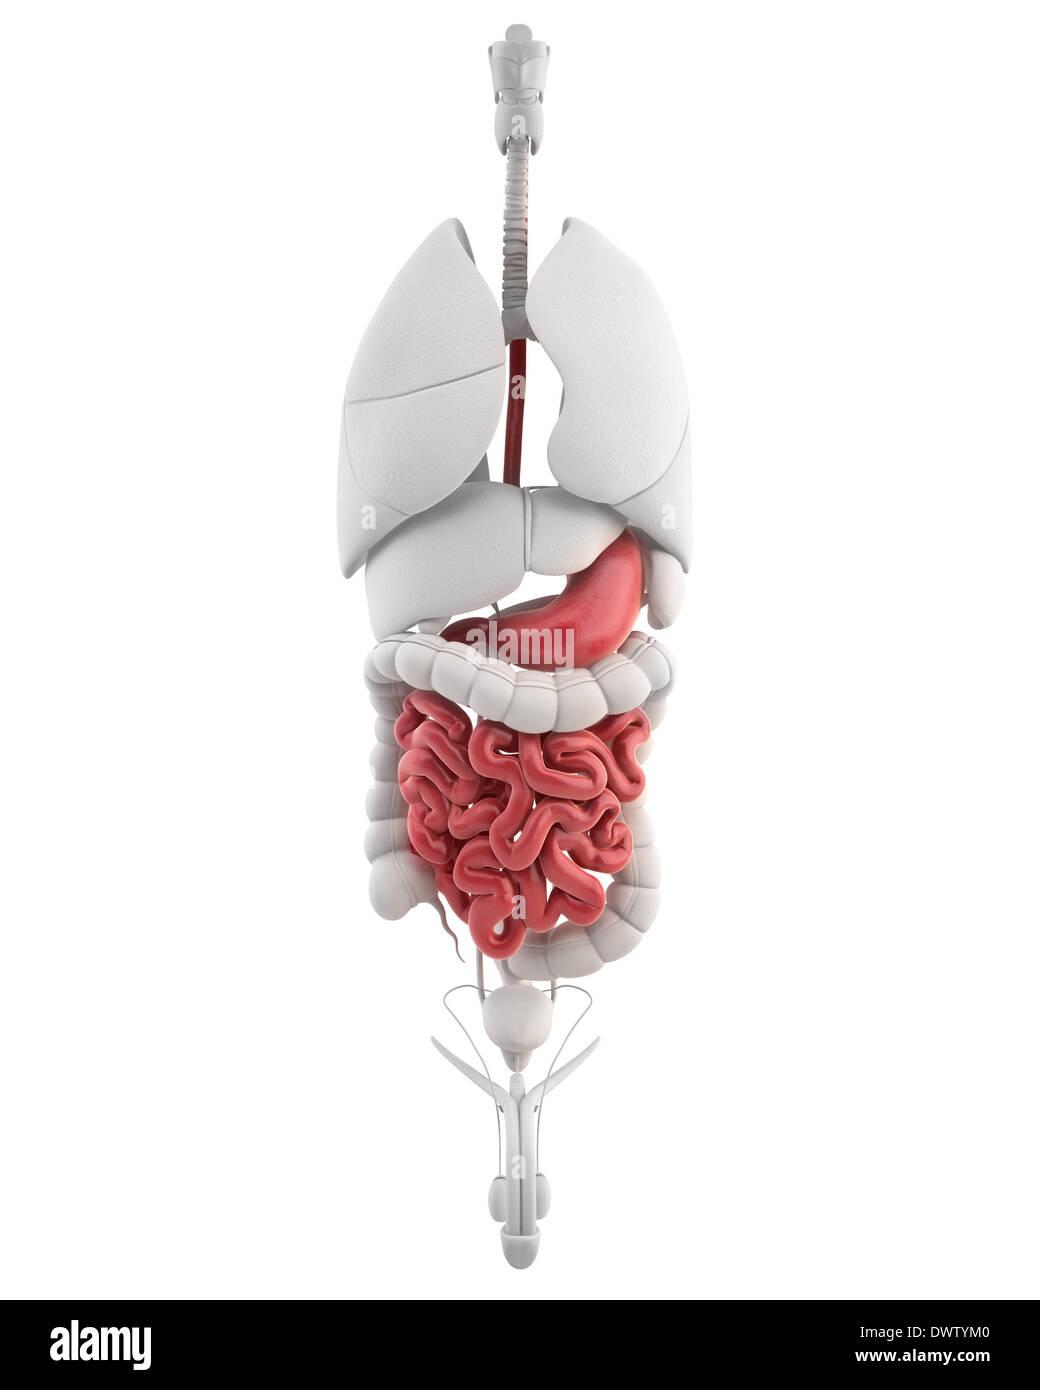 El Sistema Digestivo El Dibujo Foto Imagen De Stock 67546080 Alamy